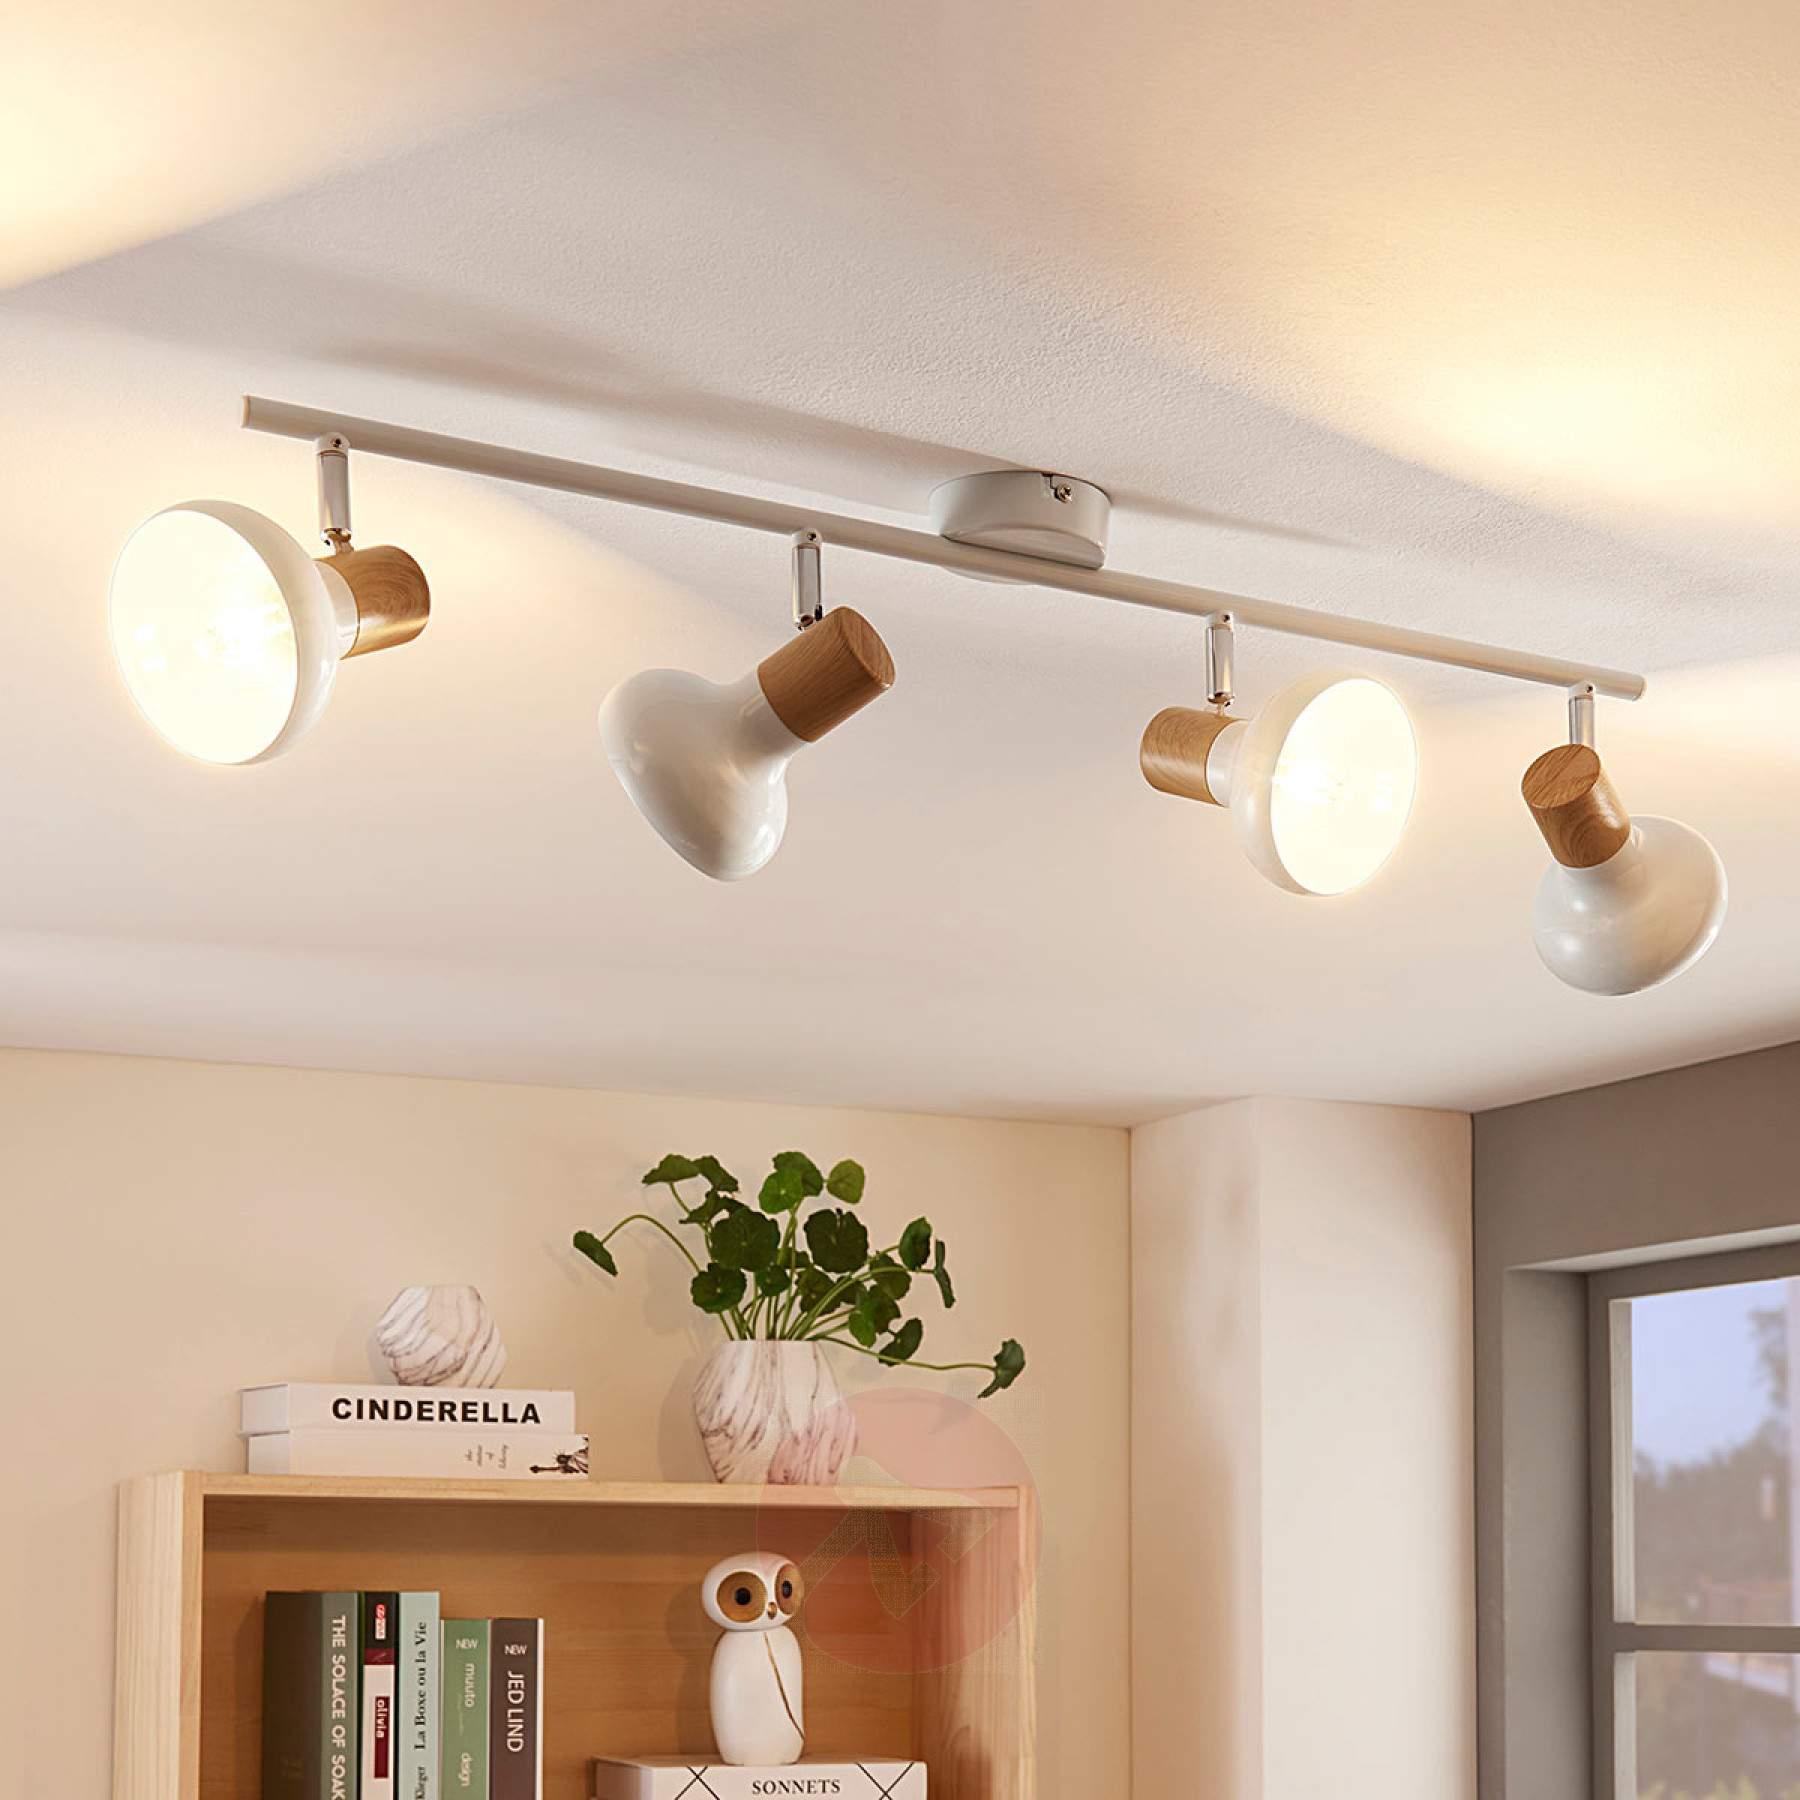 Full Size of Deckenleuchte Für Küche Leuchten Leuchtmittel Thorin Lampenwelt Mit Tresen Modulküche Ikea Bad Betten übergewichtige Ohne Elektrogeräte Wohnzimmer Deckenleuchte Für Küche